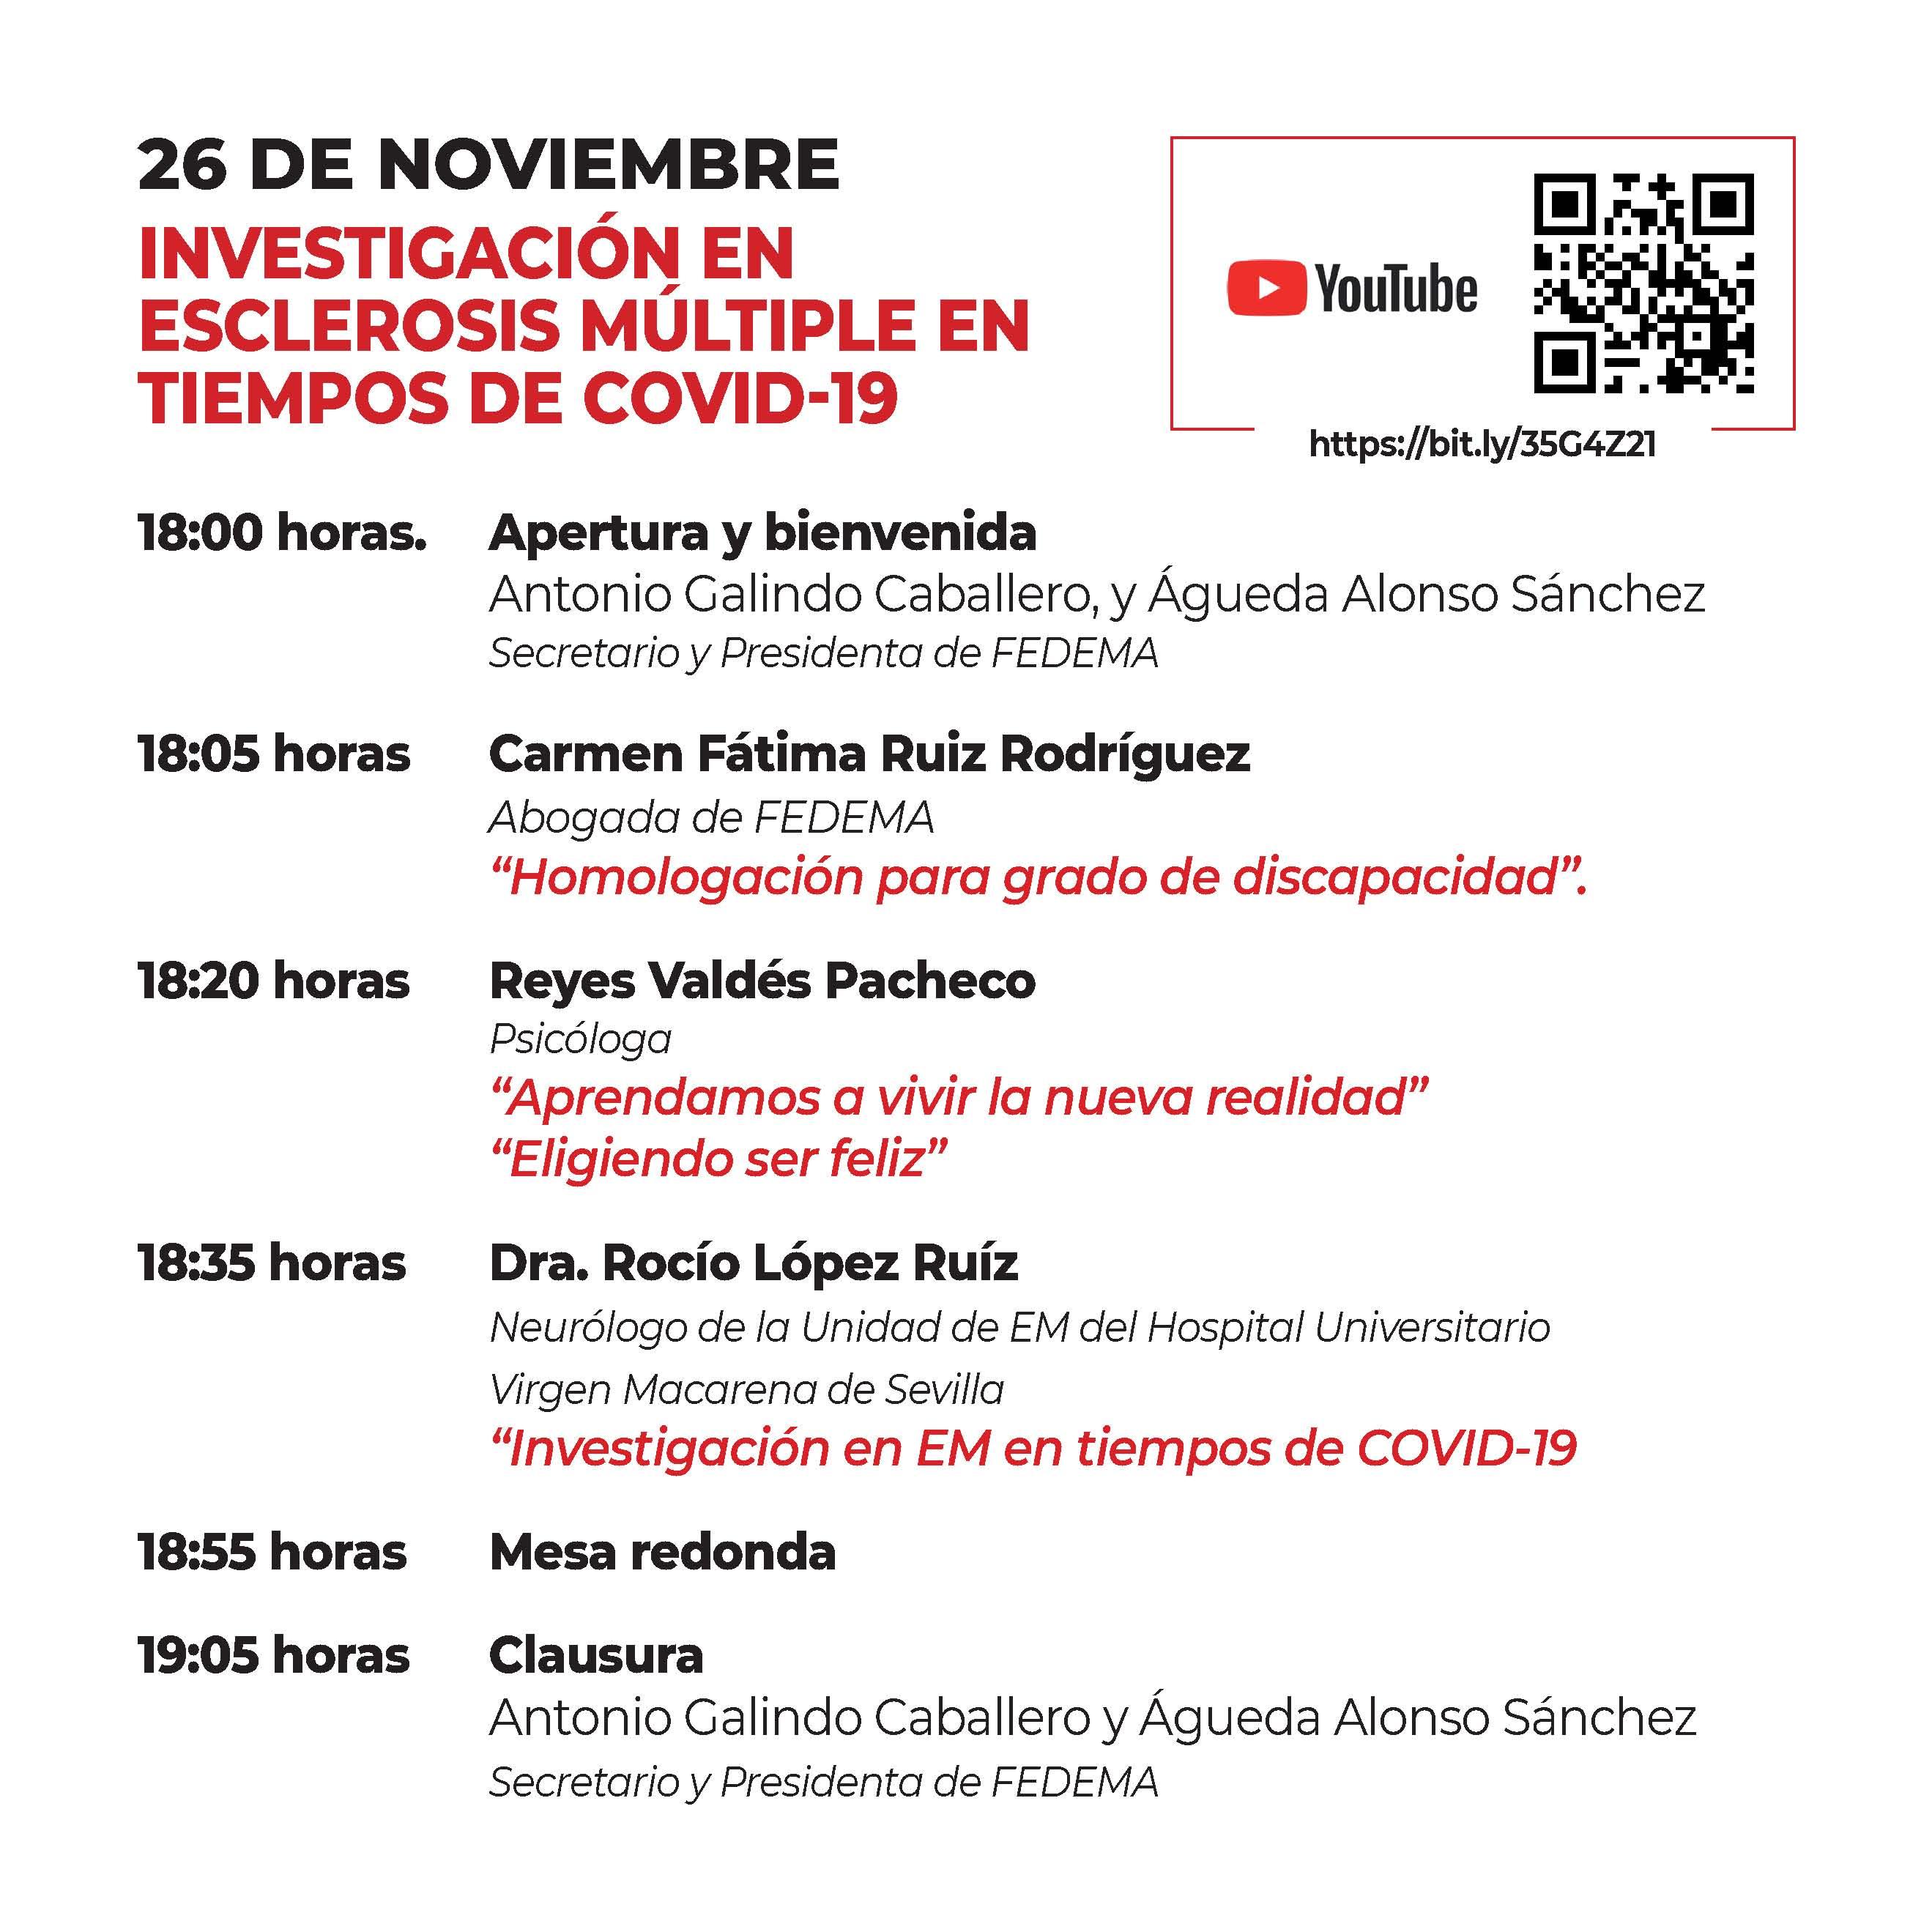 jornadas cientificas fedema noviembre y diciembre 2020 (2).jpg